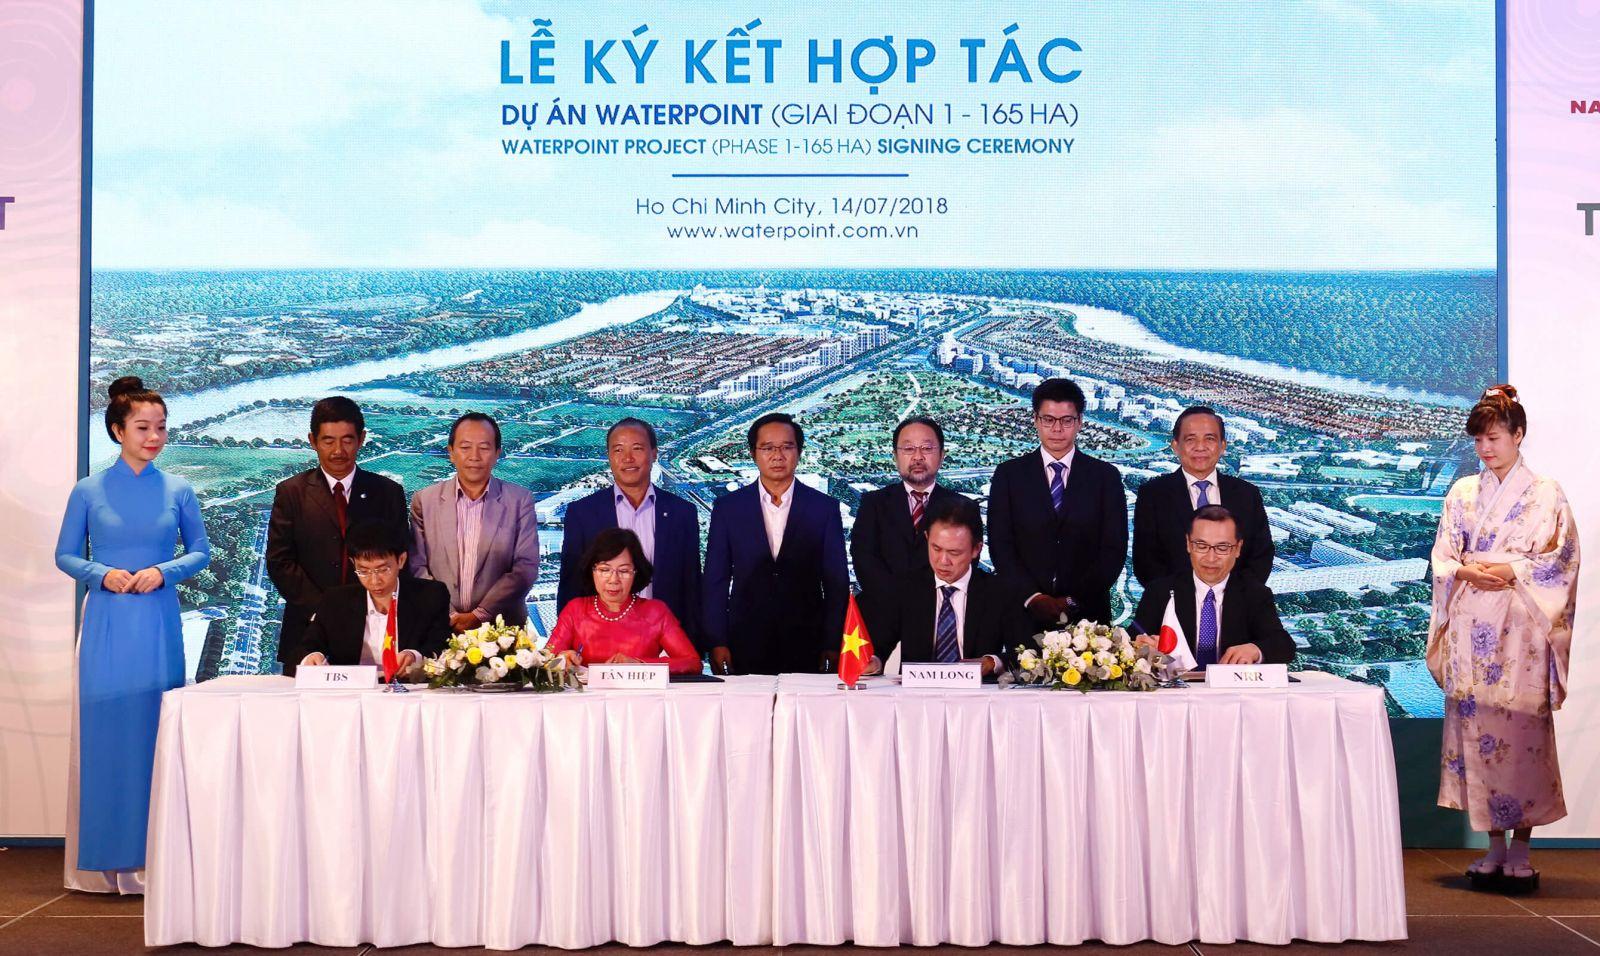 Các đối tác (từ trái qua: Ông Vũ Văn Hải - TBS Group, bà Đặng Thị Ngọc Dung - Cty TNHH Tân Hiệp, ông Steven Chu - Nam Long, ông Toru Shigemizu - NNR) cùng tiến hành ký kết hợp tác dự án Waterpoint Long giai đoạn 1